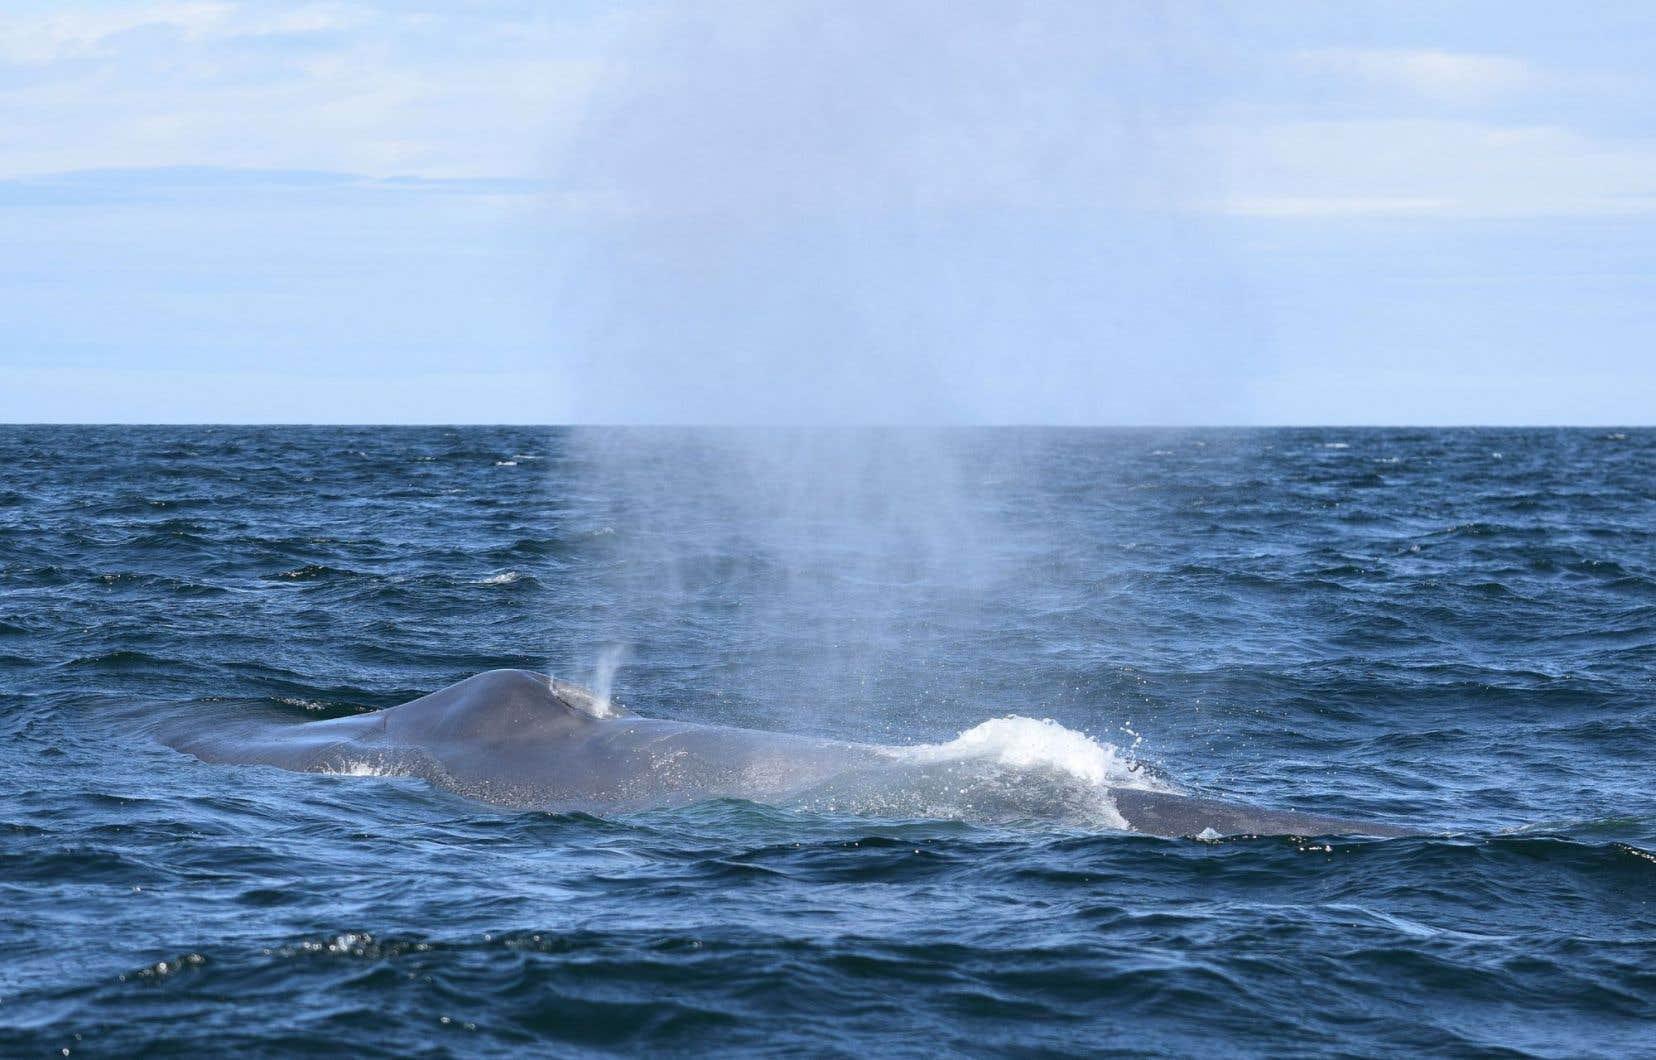 La baleine bleue B311, qui mesure entre 22 et 25 mètres, fait surface, au large de Cap-Gaspé.